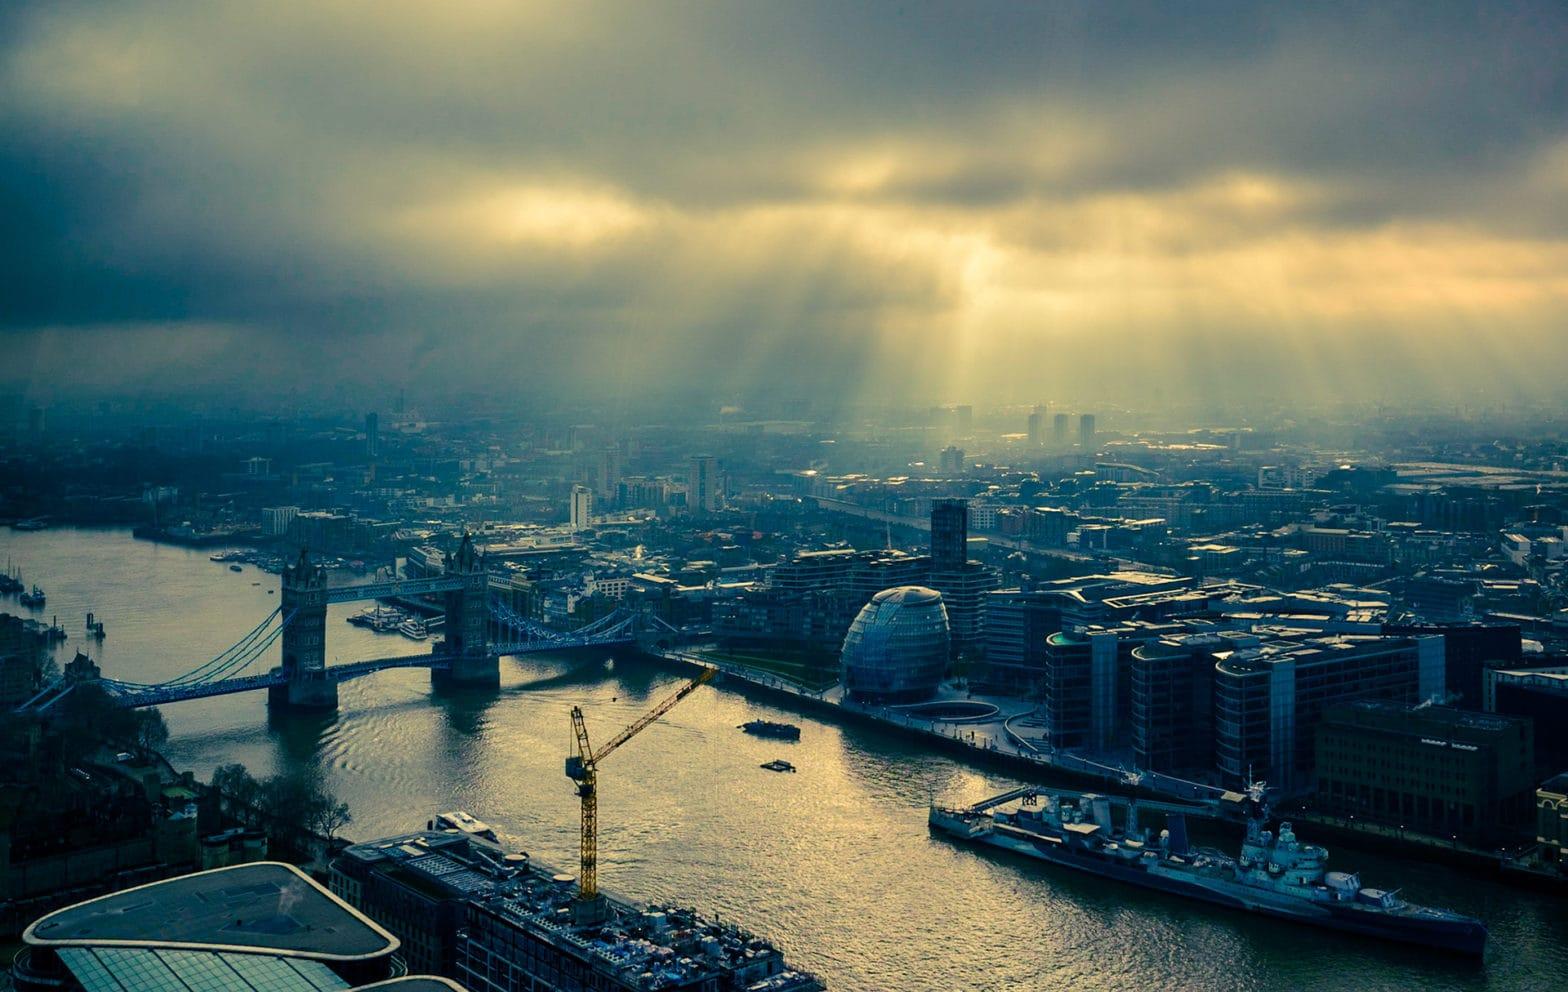 Luftbild zeigt Themse und Tower Bridge in London